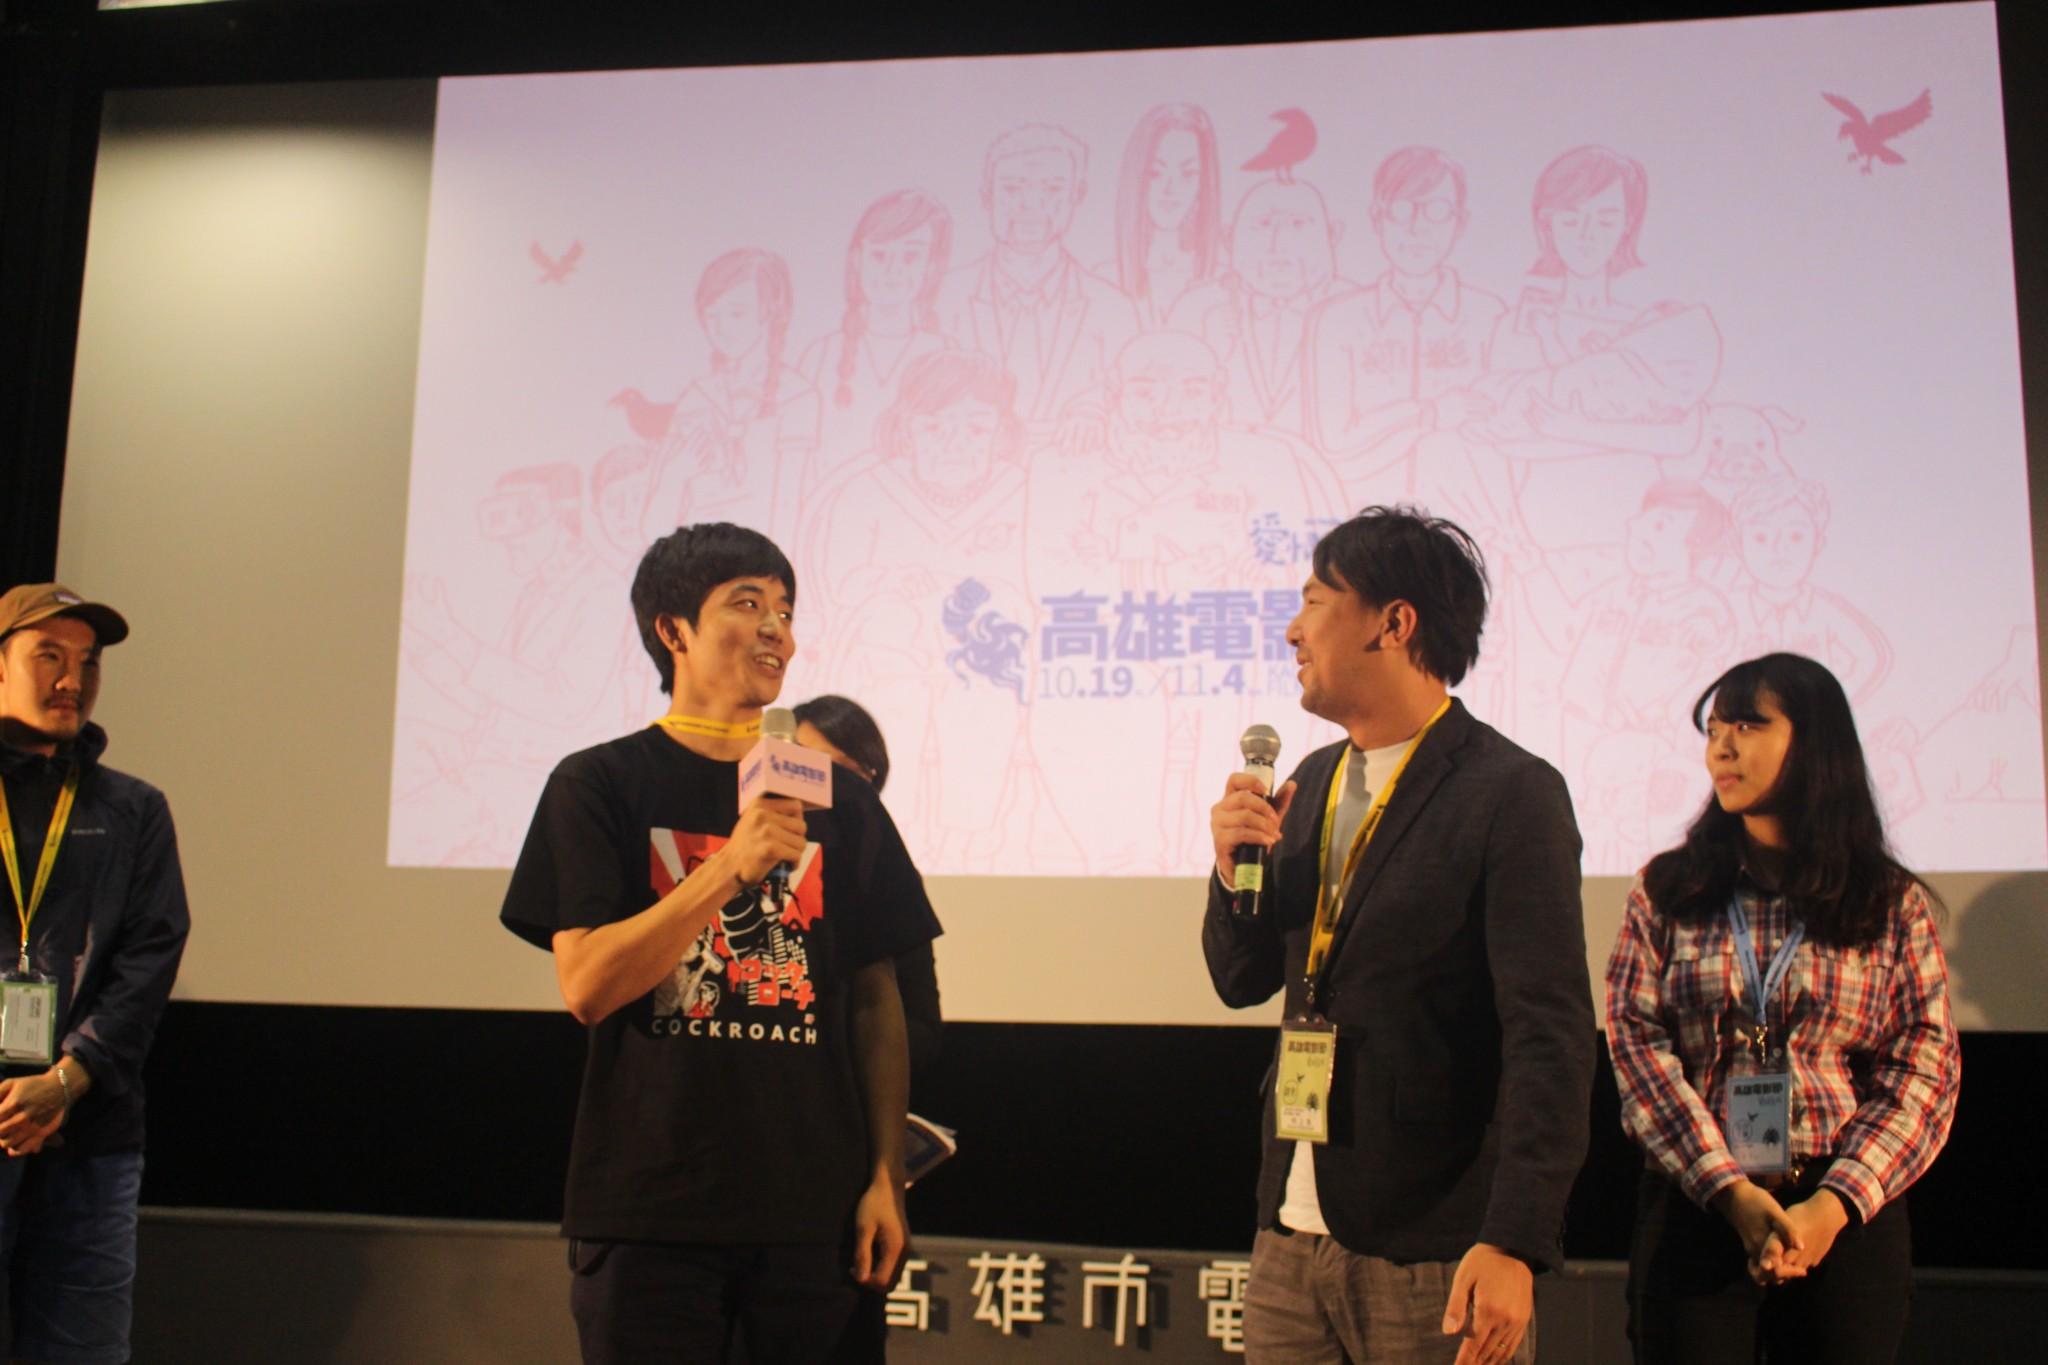 第16回アシアナ国際短編映画祭(AISFF)開幕、オープニングセレモニーは豪